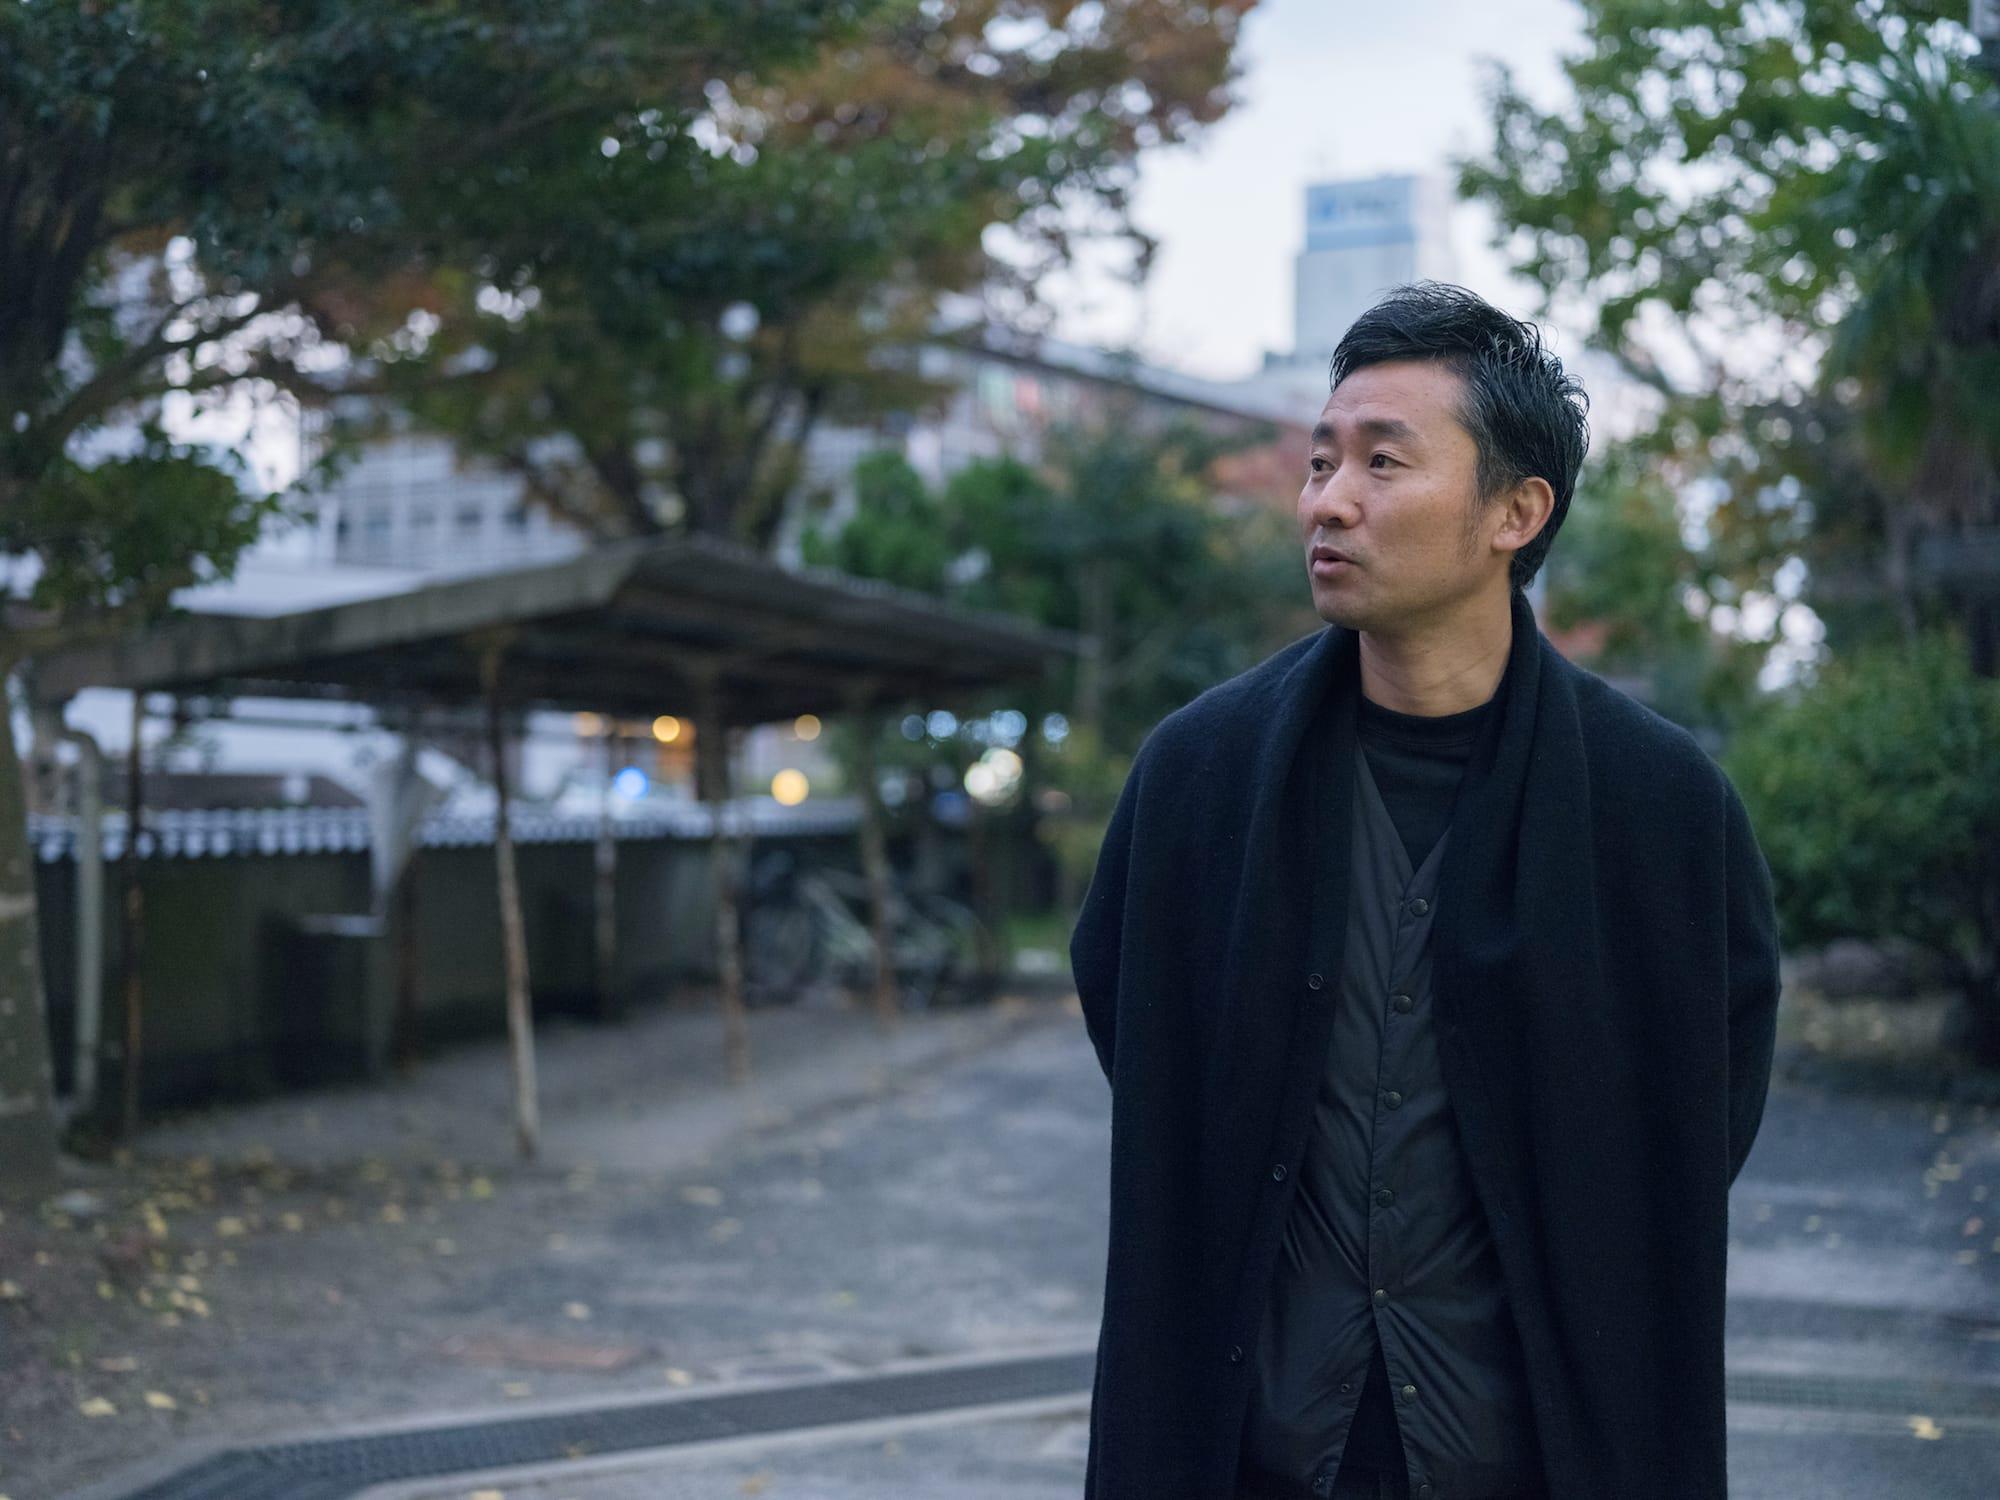 森山幸治さんは、旧内山下小学校を活用した様々なイベントを開催。「瀬戸内国際芸術祭」をきっかけに「瀬戸際世界芸術祭」を市内で行うなど、岡山市を熱く盛り上げるキーパーソン。